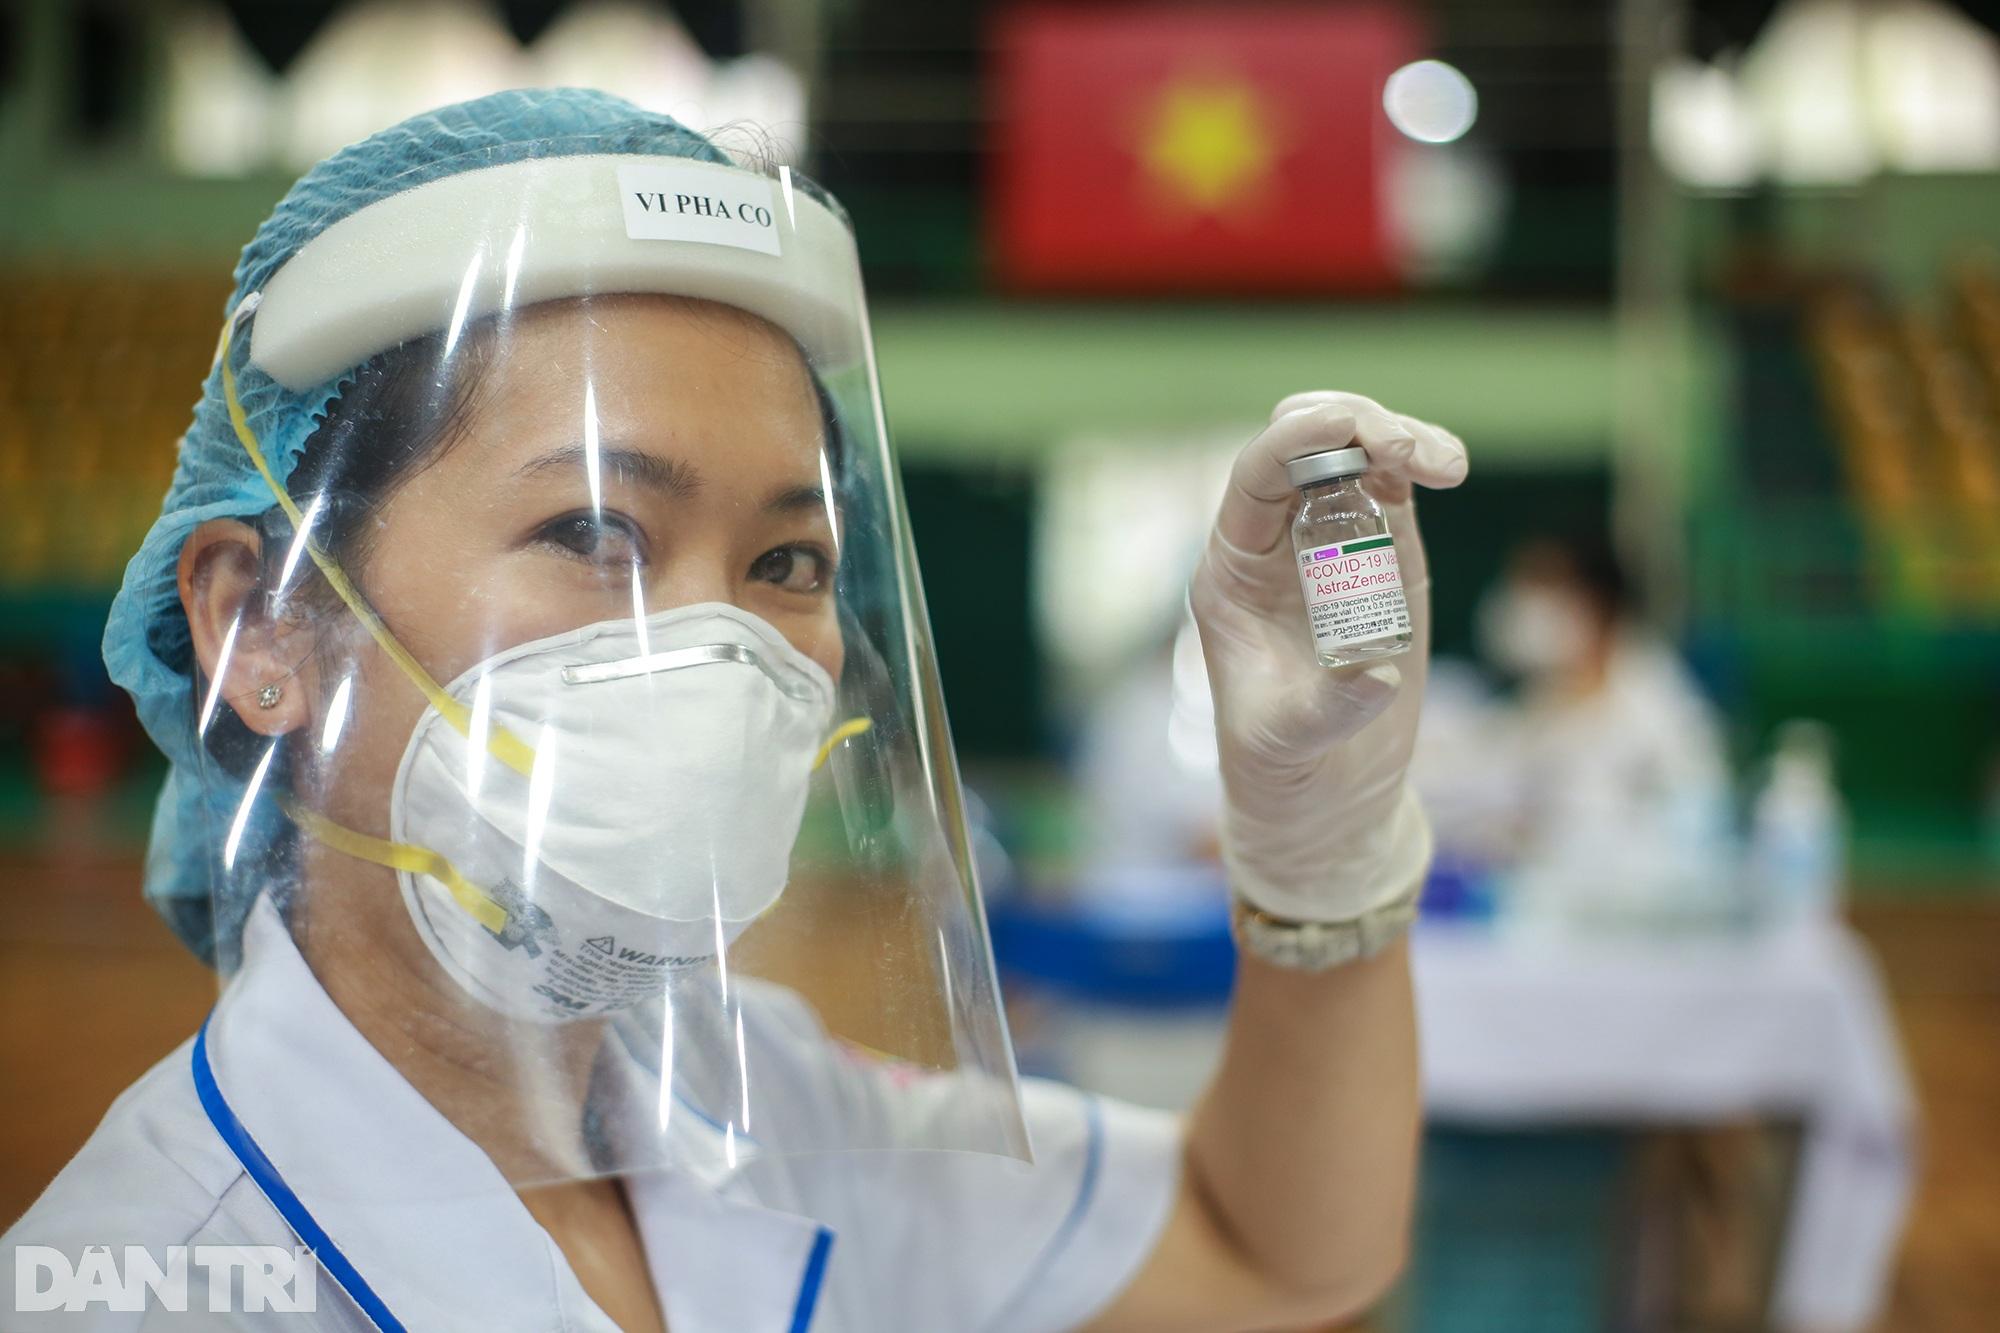 TPHCM dùng trường học, nhà thi đấu để tiêm vắc xin Covid-19 cho 1 triệu dân - 2